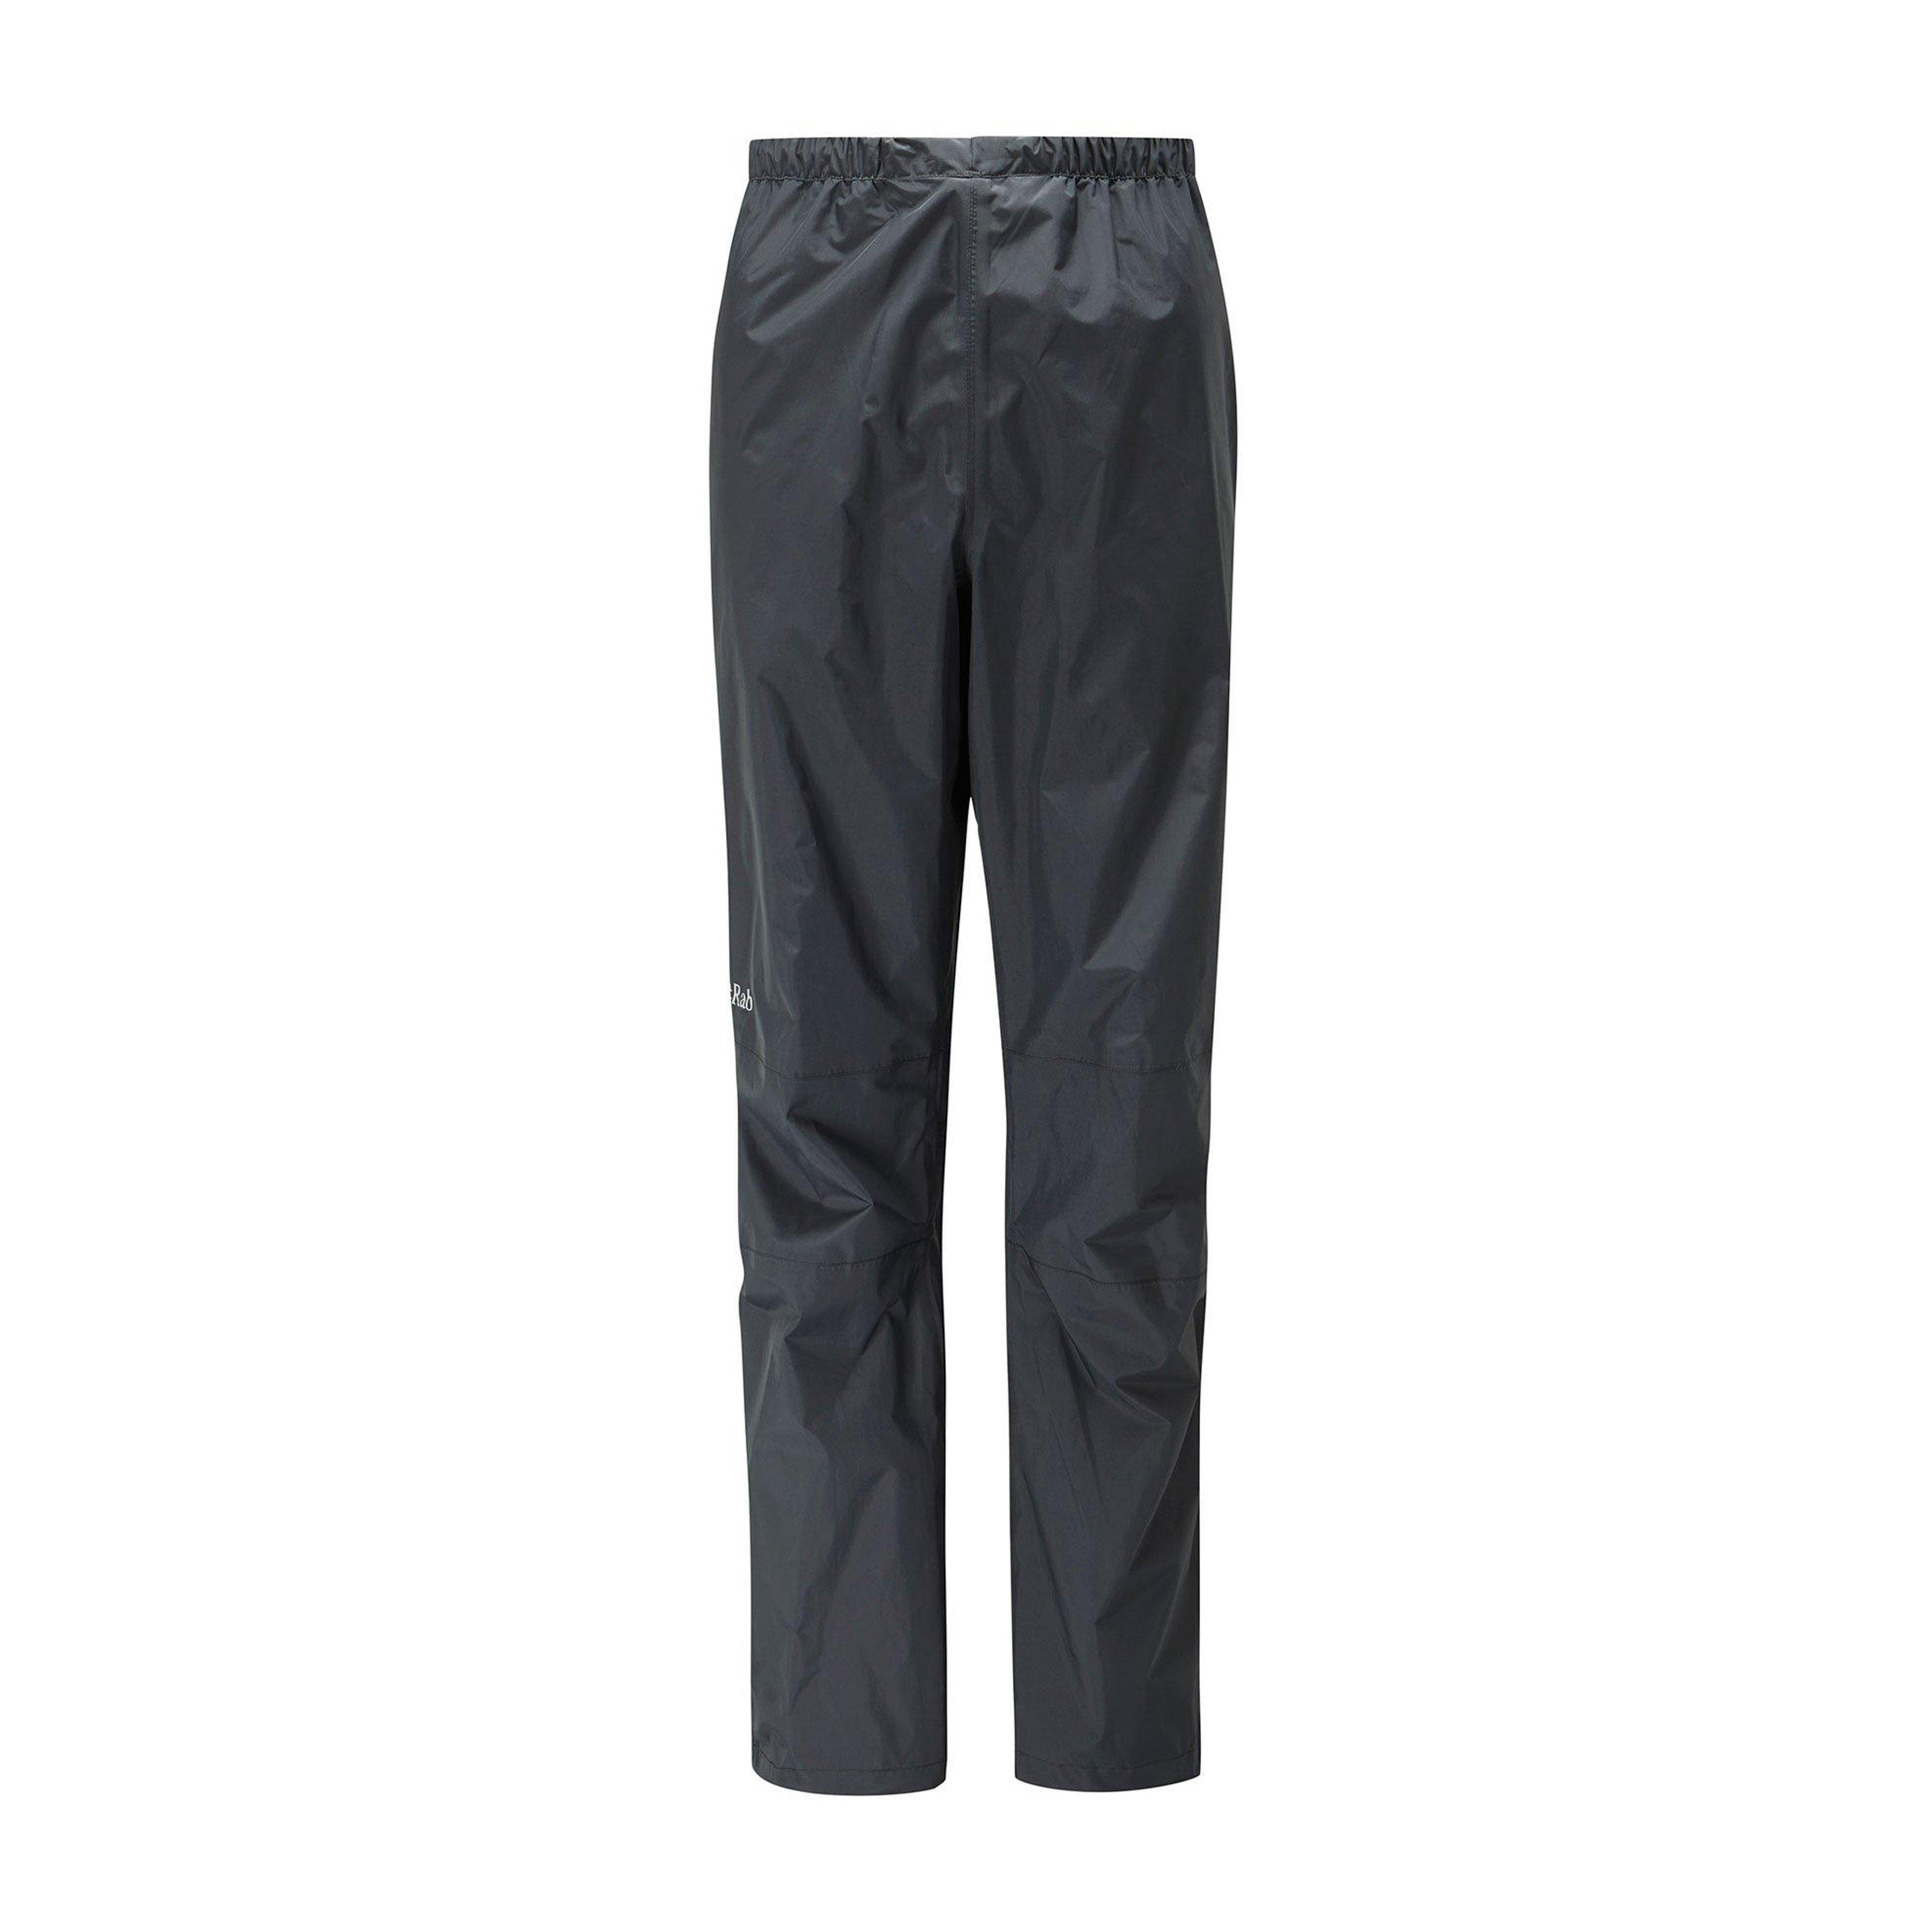 Rab Rab Womens Downpour Waterproof Pants - N/A, N/A